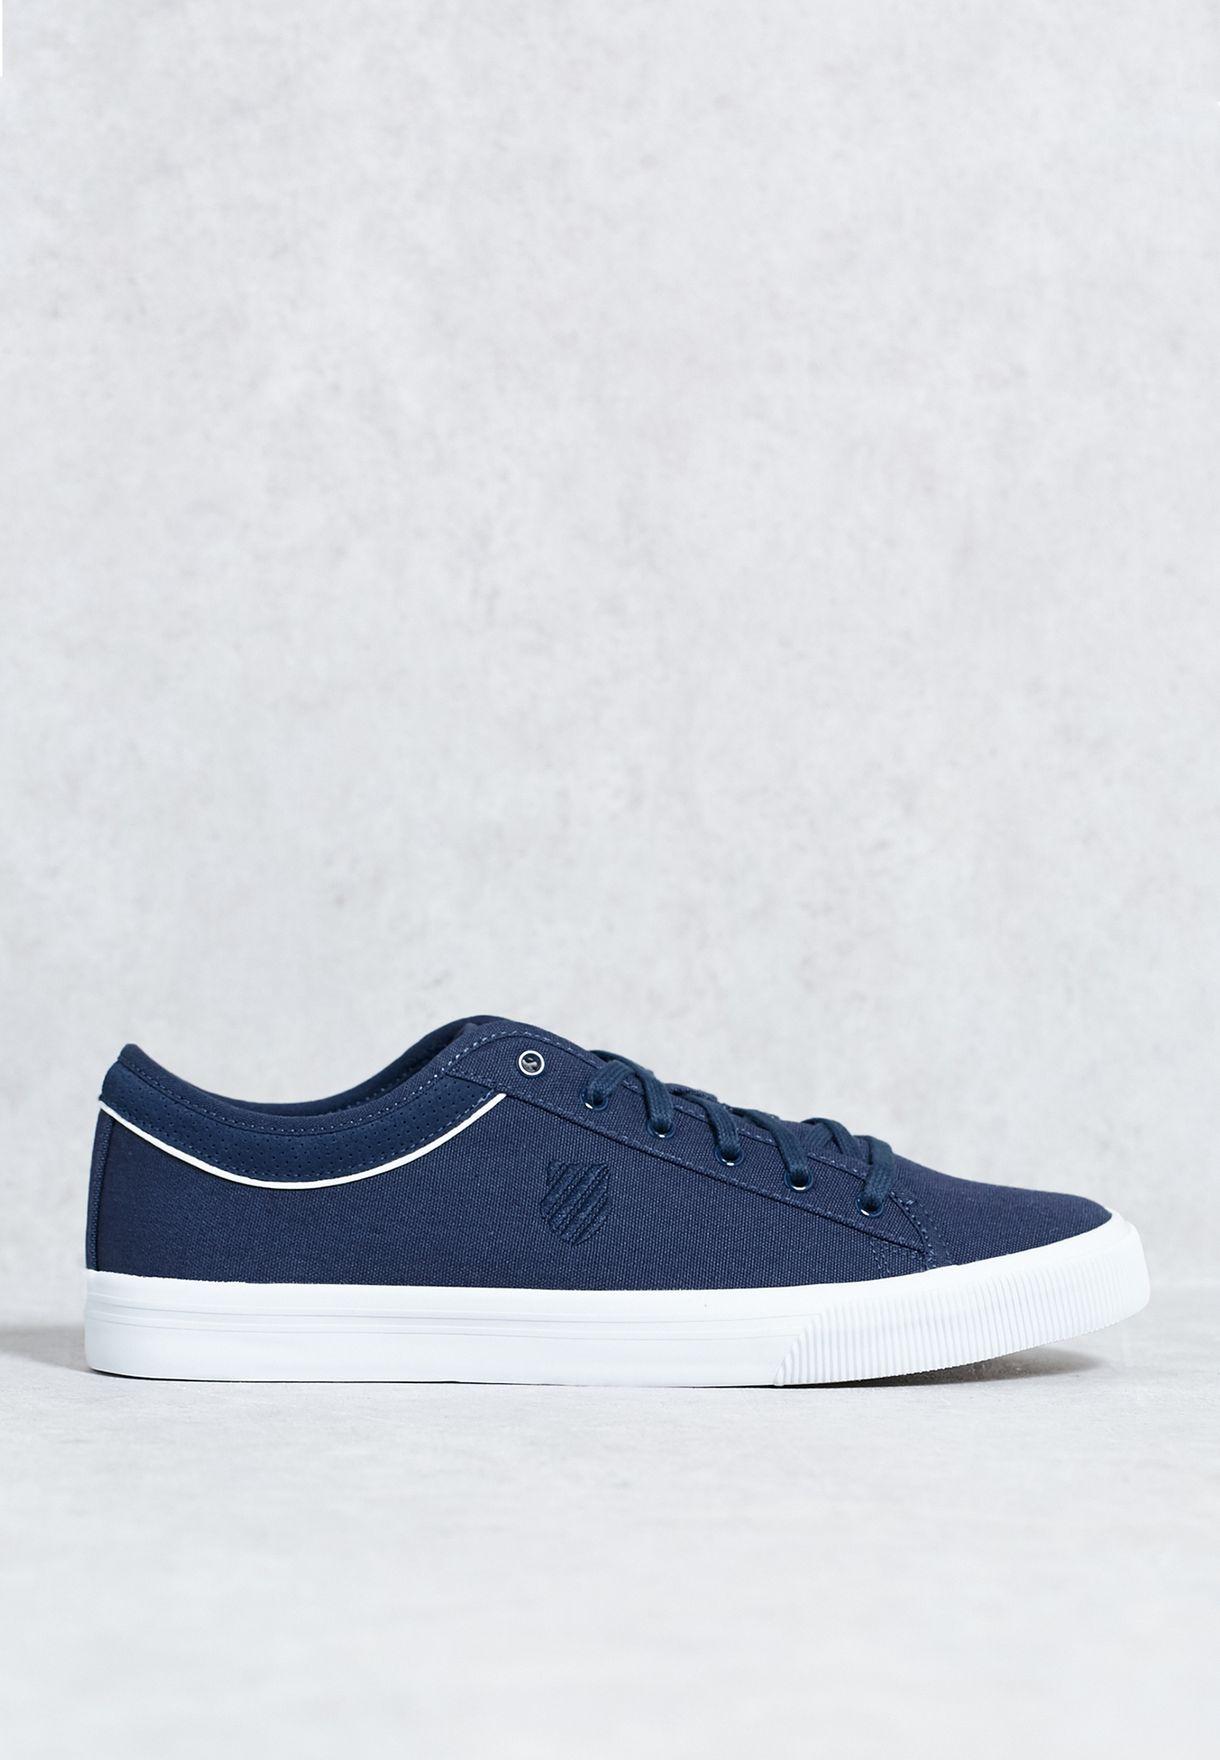 c51f7d69e4937d Shop K Swiss navy Bridgeport II Sneakers 75425-401 for Men in UAE ...